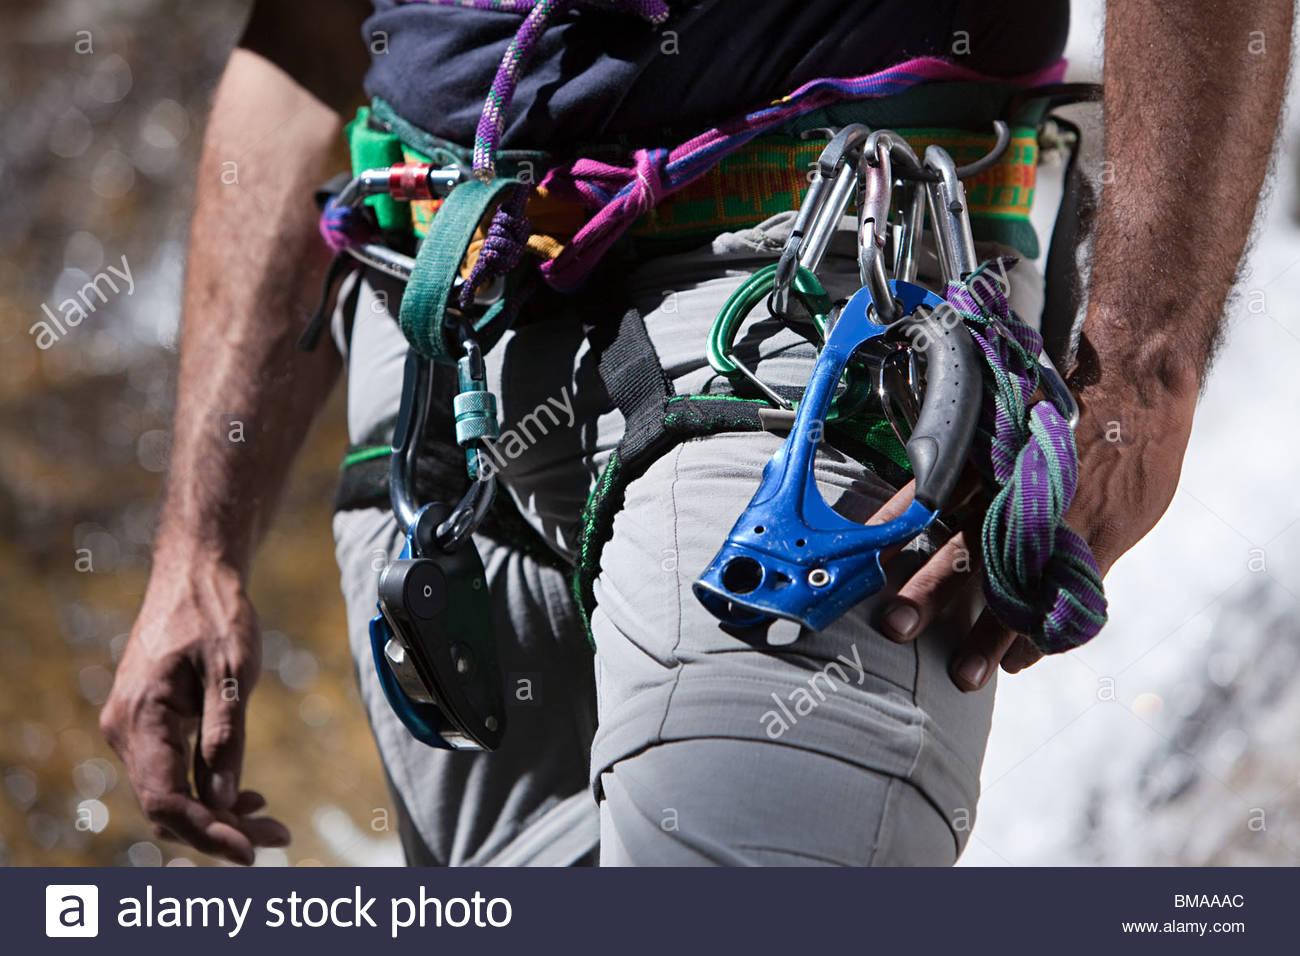 Equipment around waist of rock climber - Stock Image